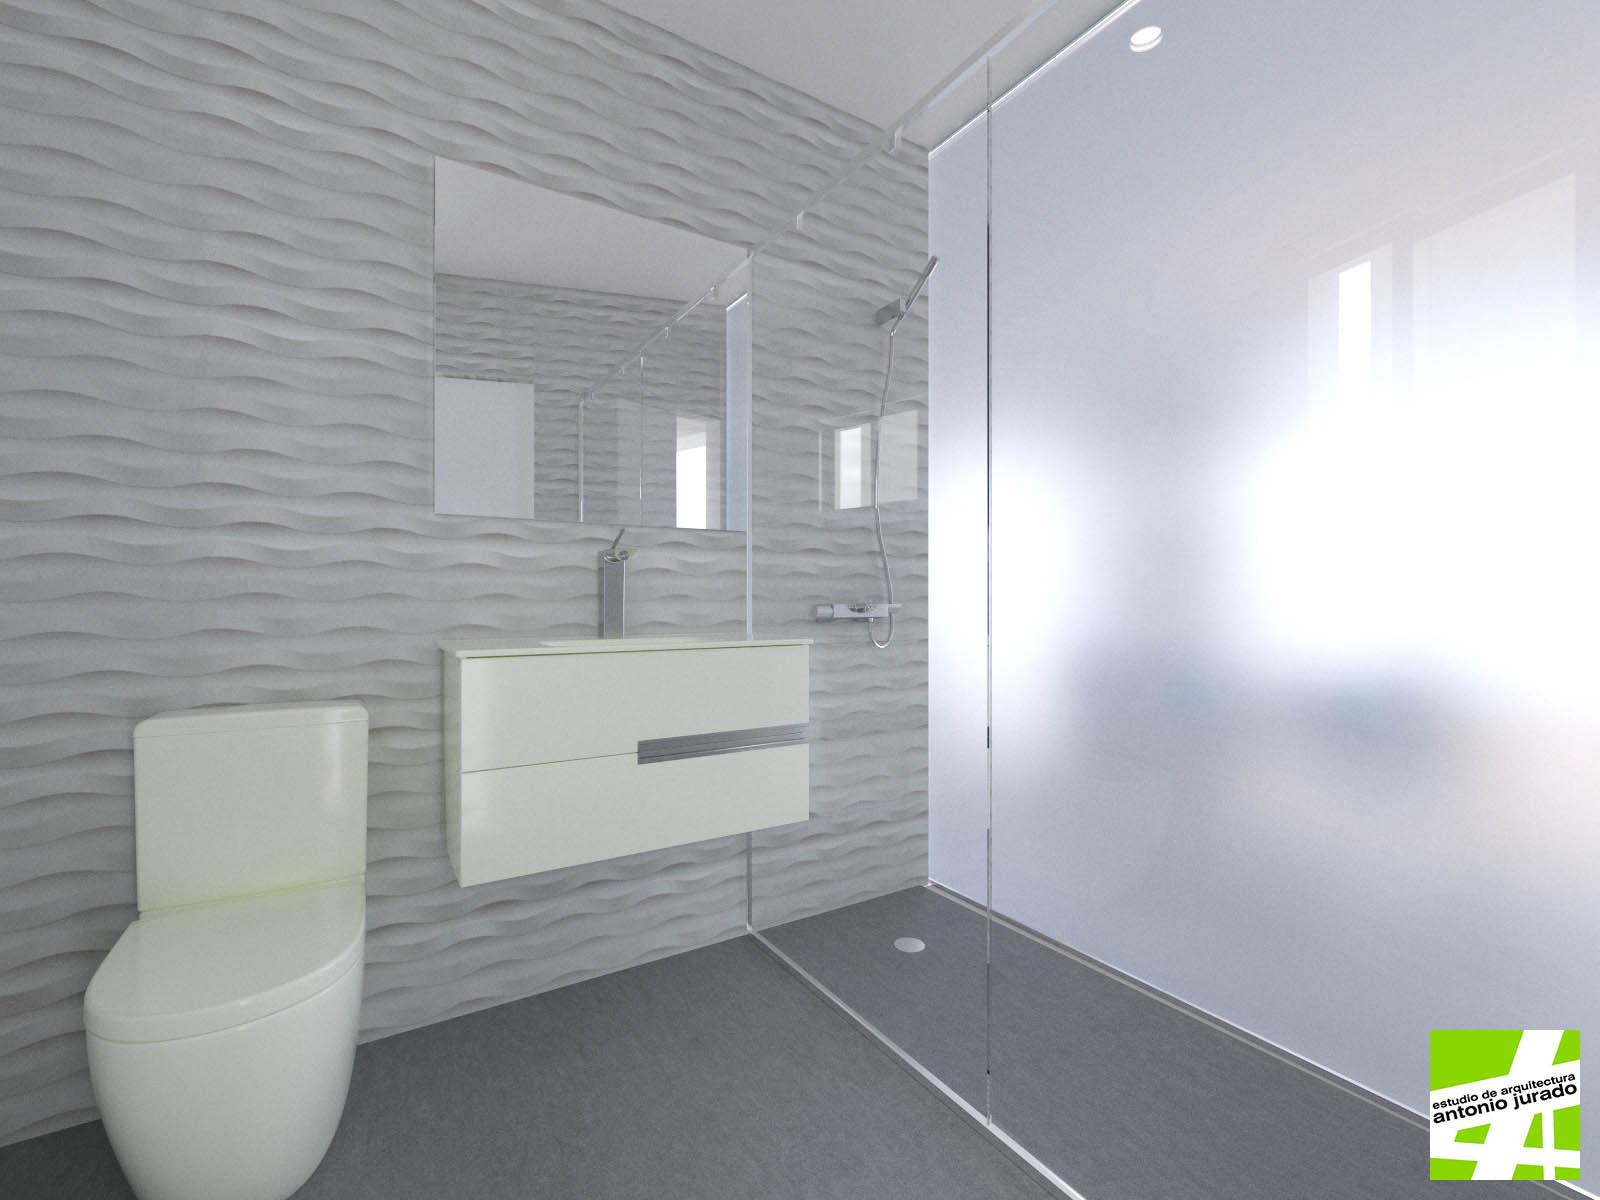 apartamento-mj-reforma-urbanizacion-torrox-park-torrox-malaga-antonio-jurado-arquitecto-04